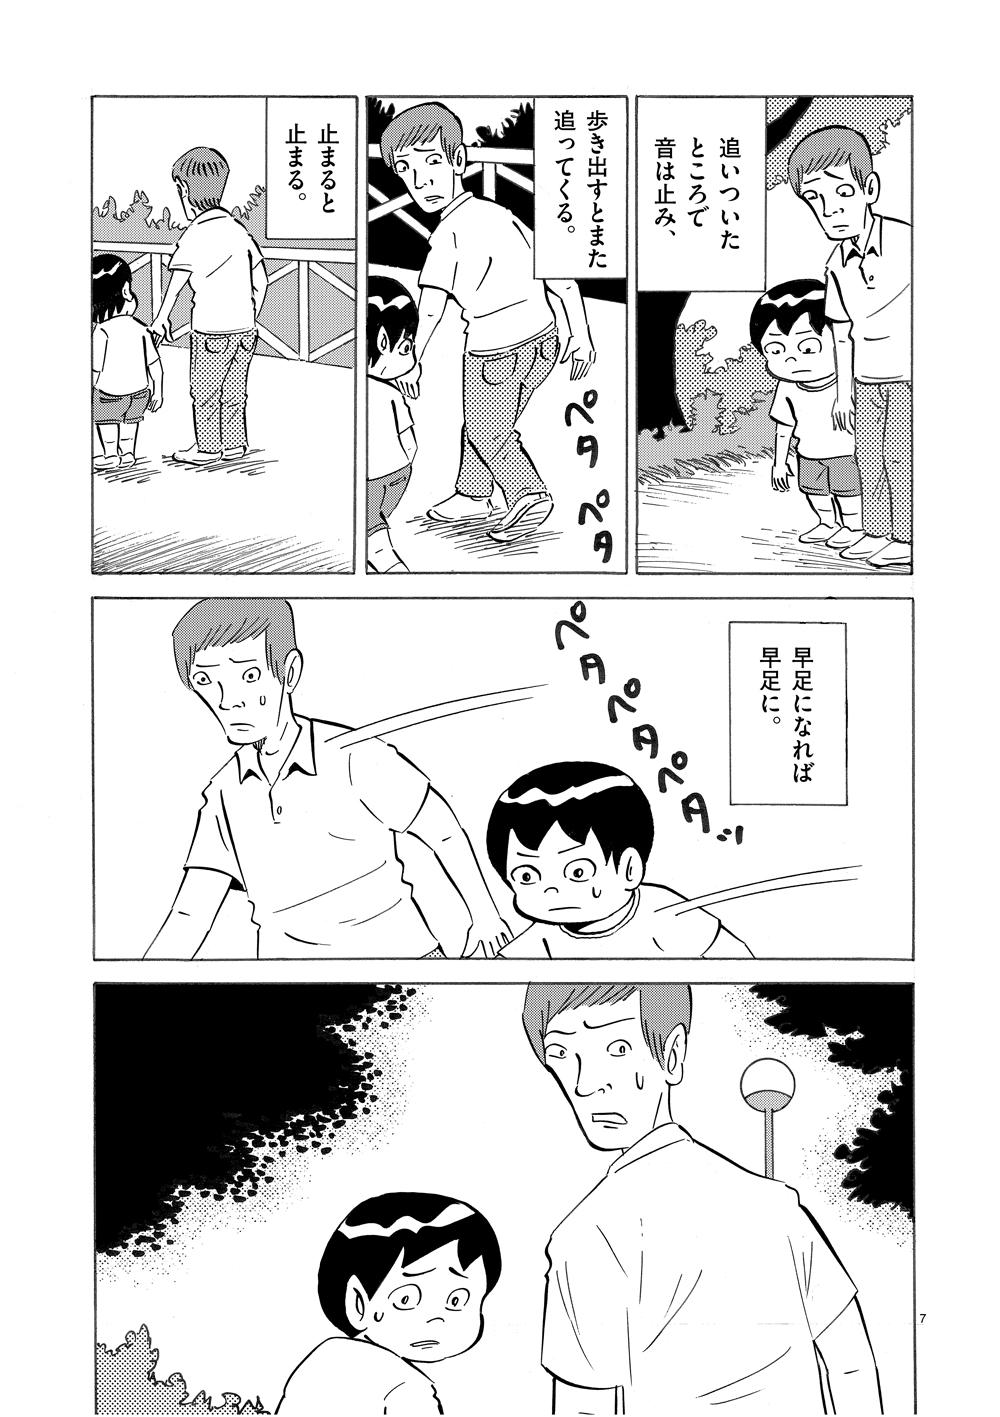 琉球怪談 【第2話】WEB掲載7ページ目画像